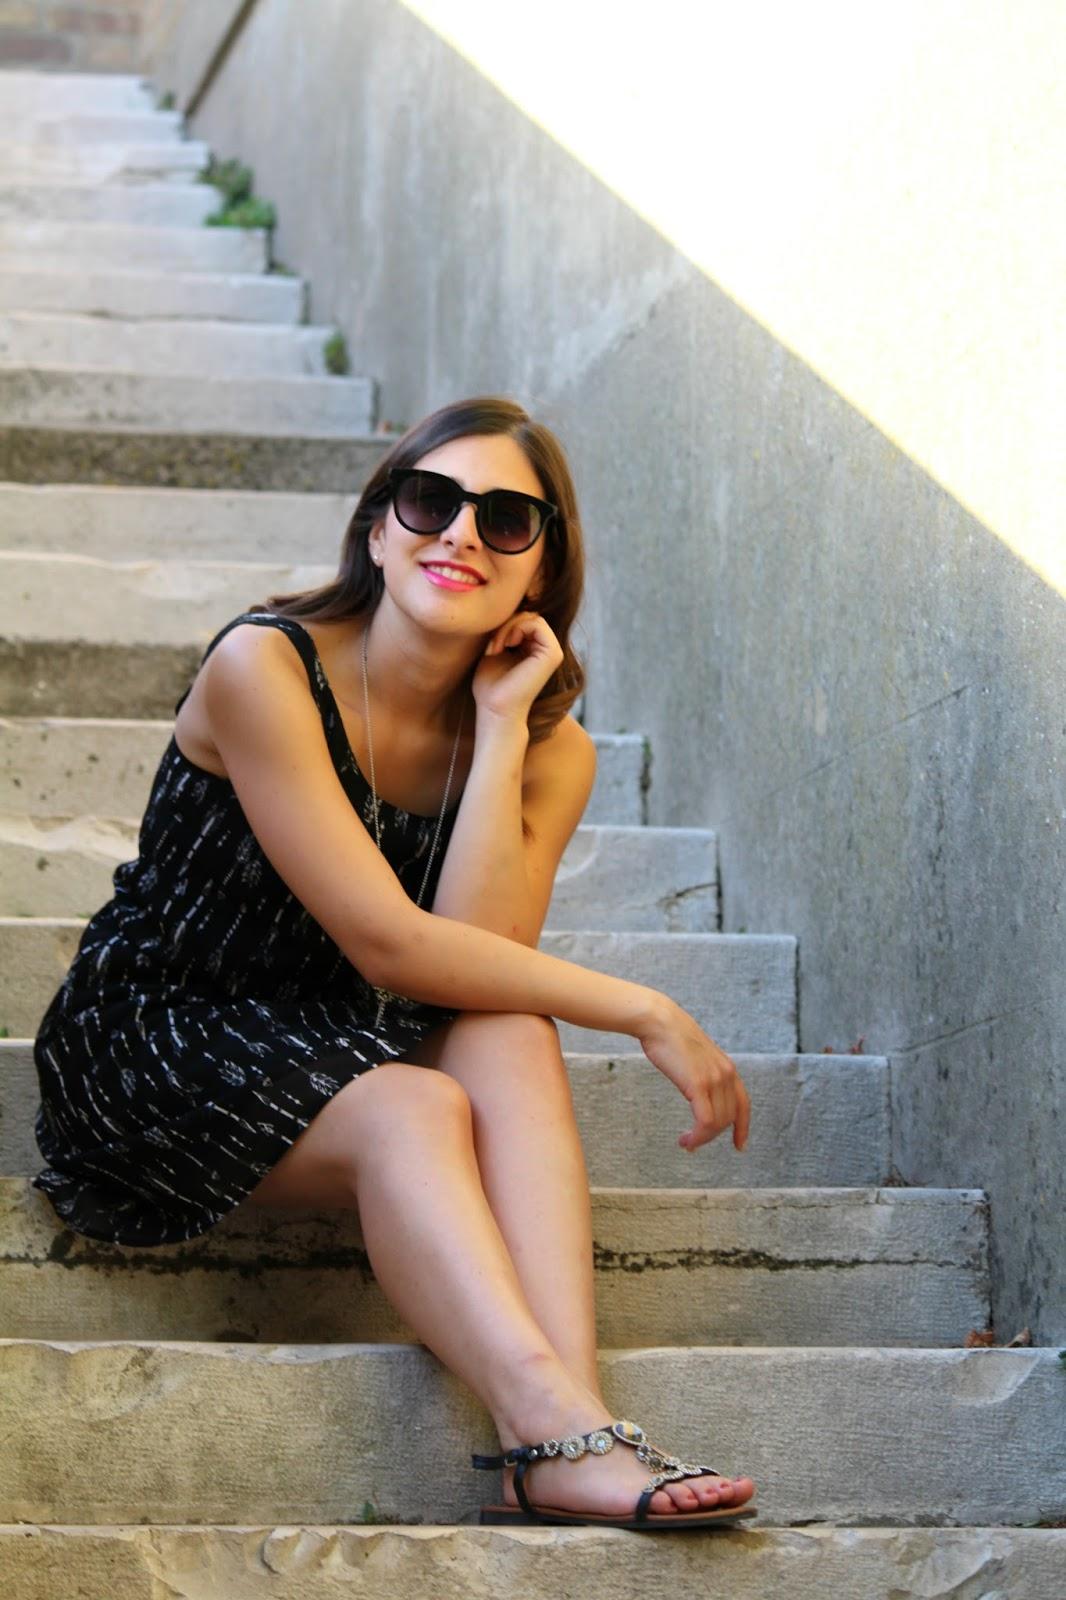 vestito nero occhiali sandali gioiello